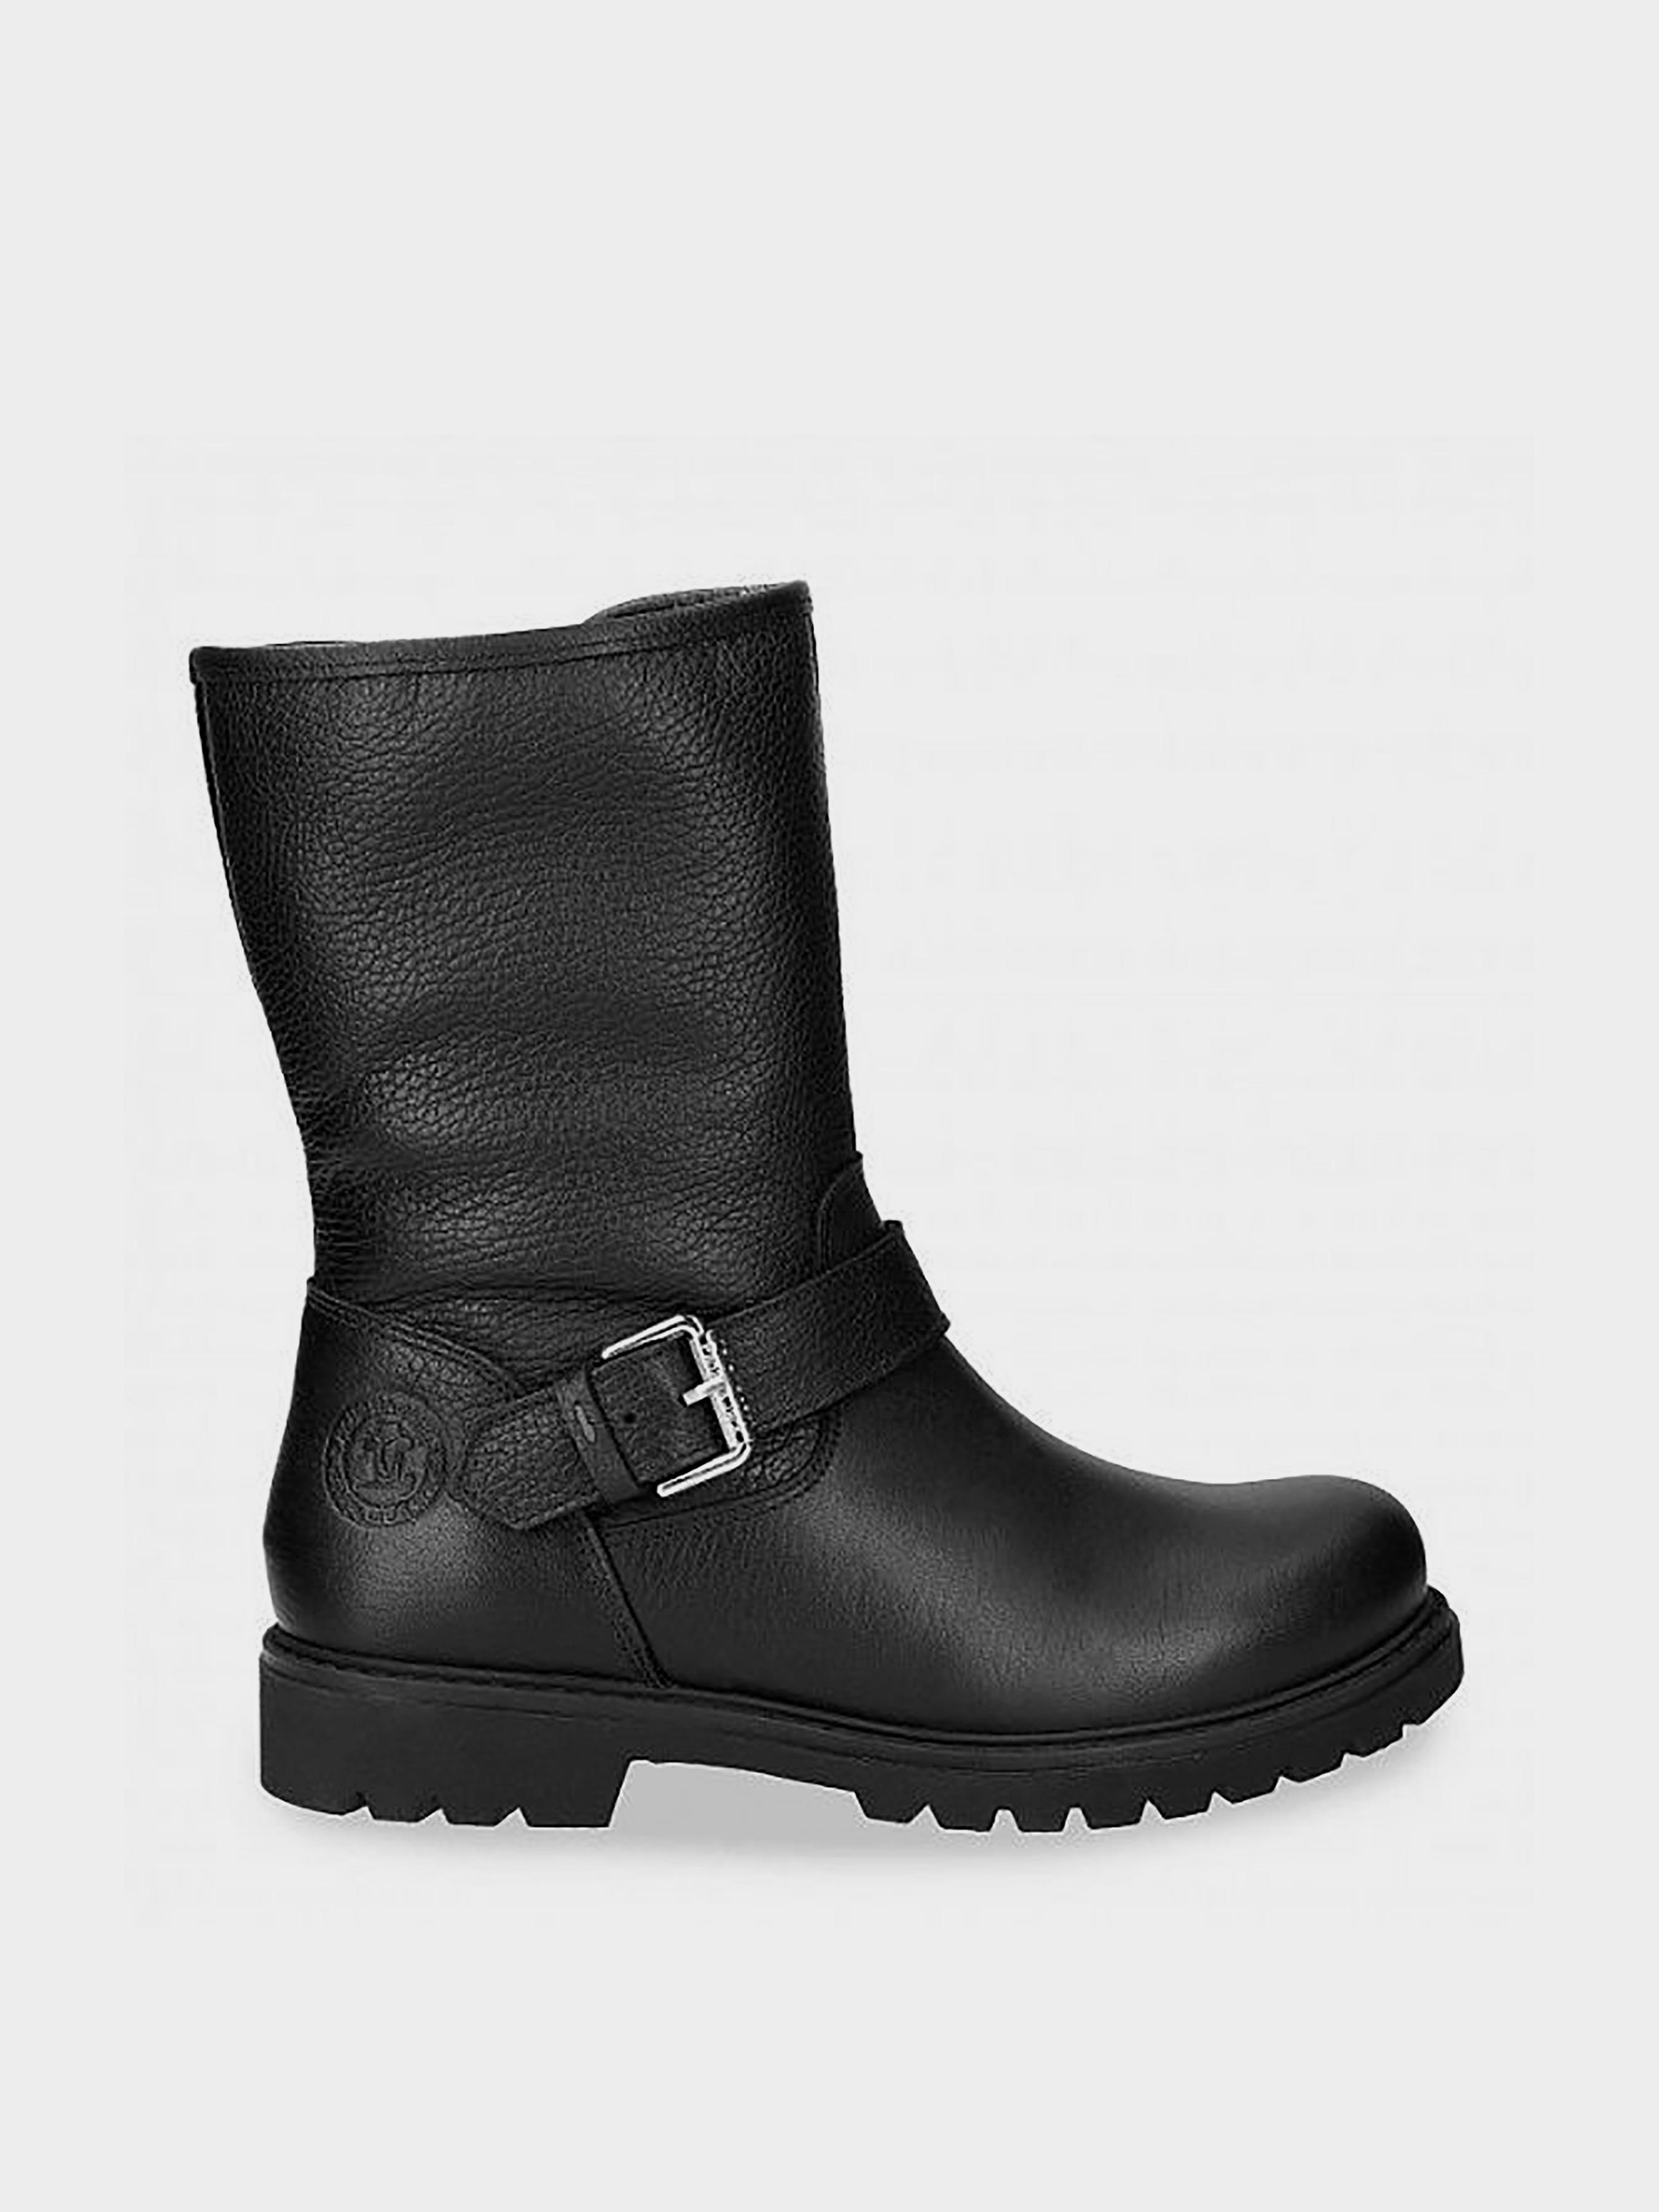 Купить Ботинки женские Panama Jack PW147, Черный